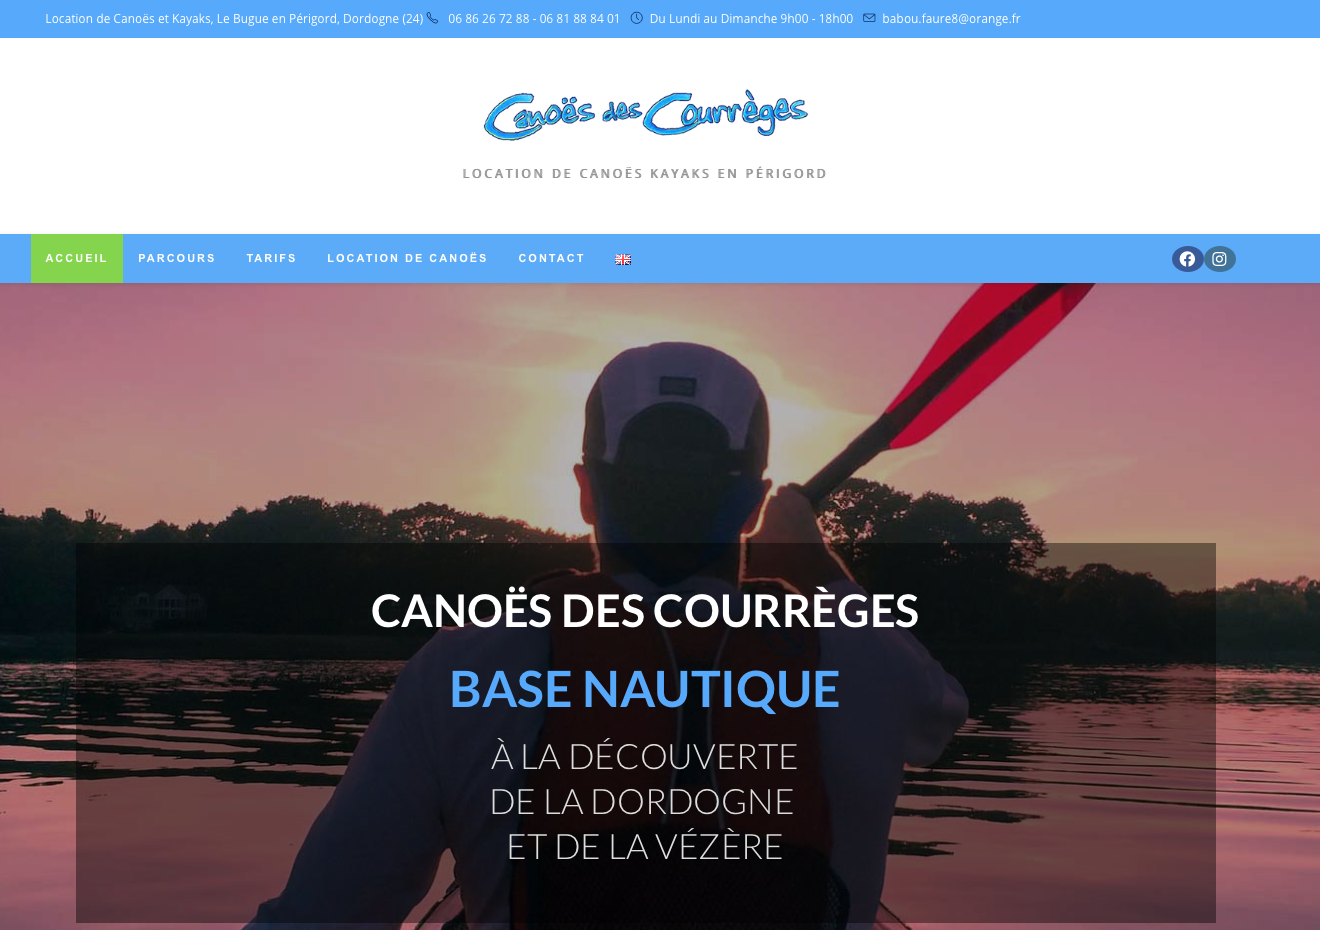 Canoës des Courrèges